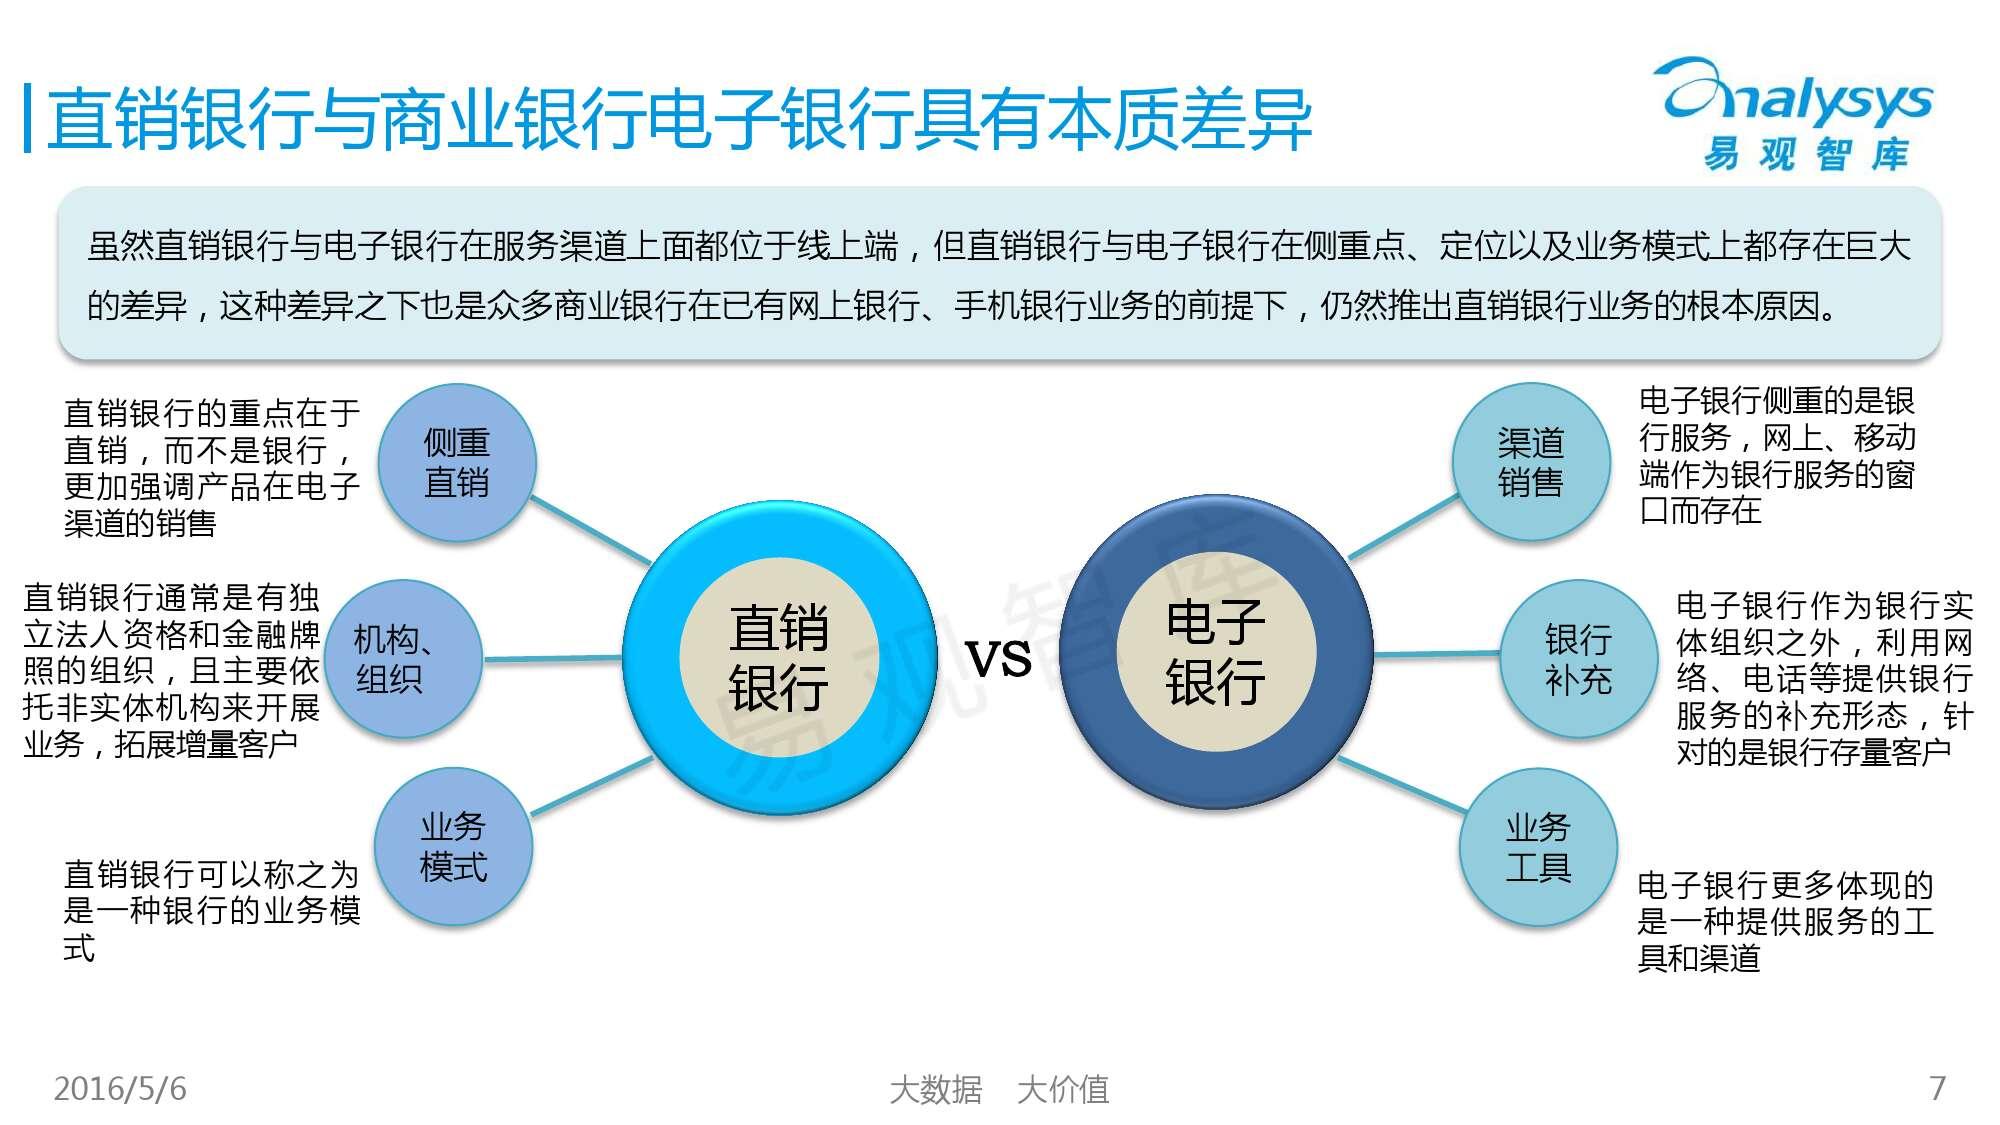 2016年中国直销银行市场专题研究报告_000007